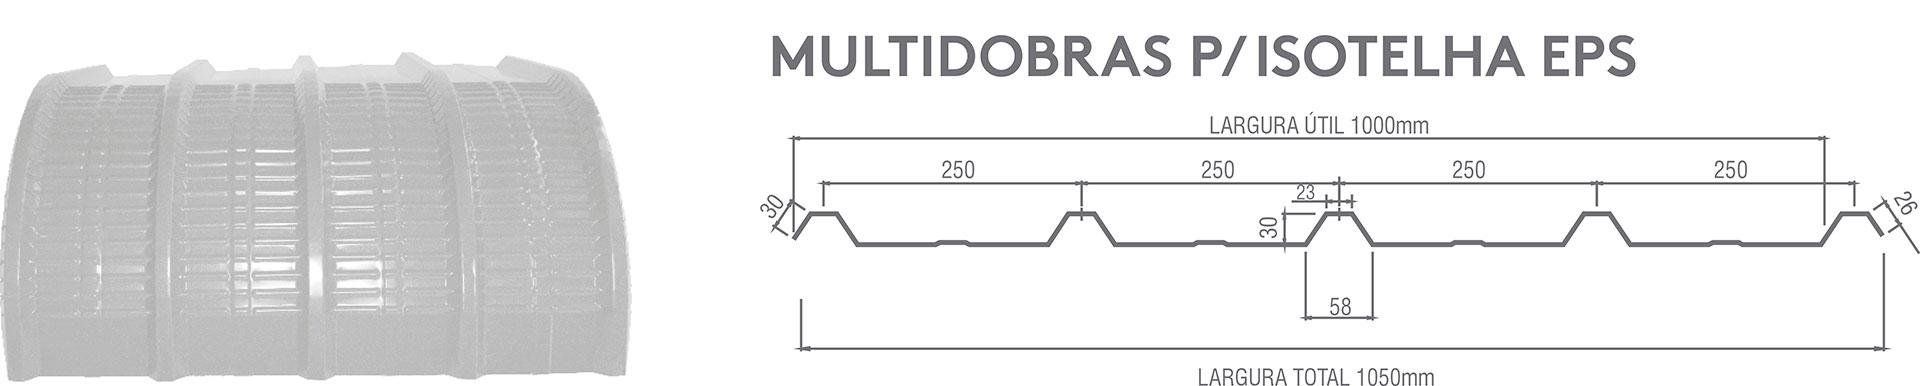 multidobras-isotelha-eps.jpg